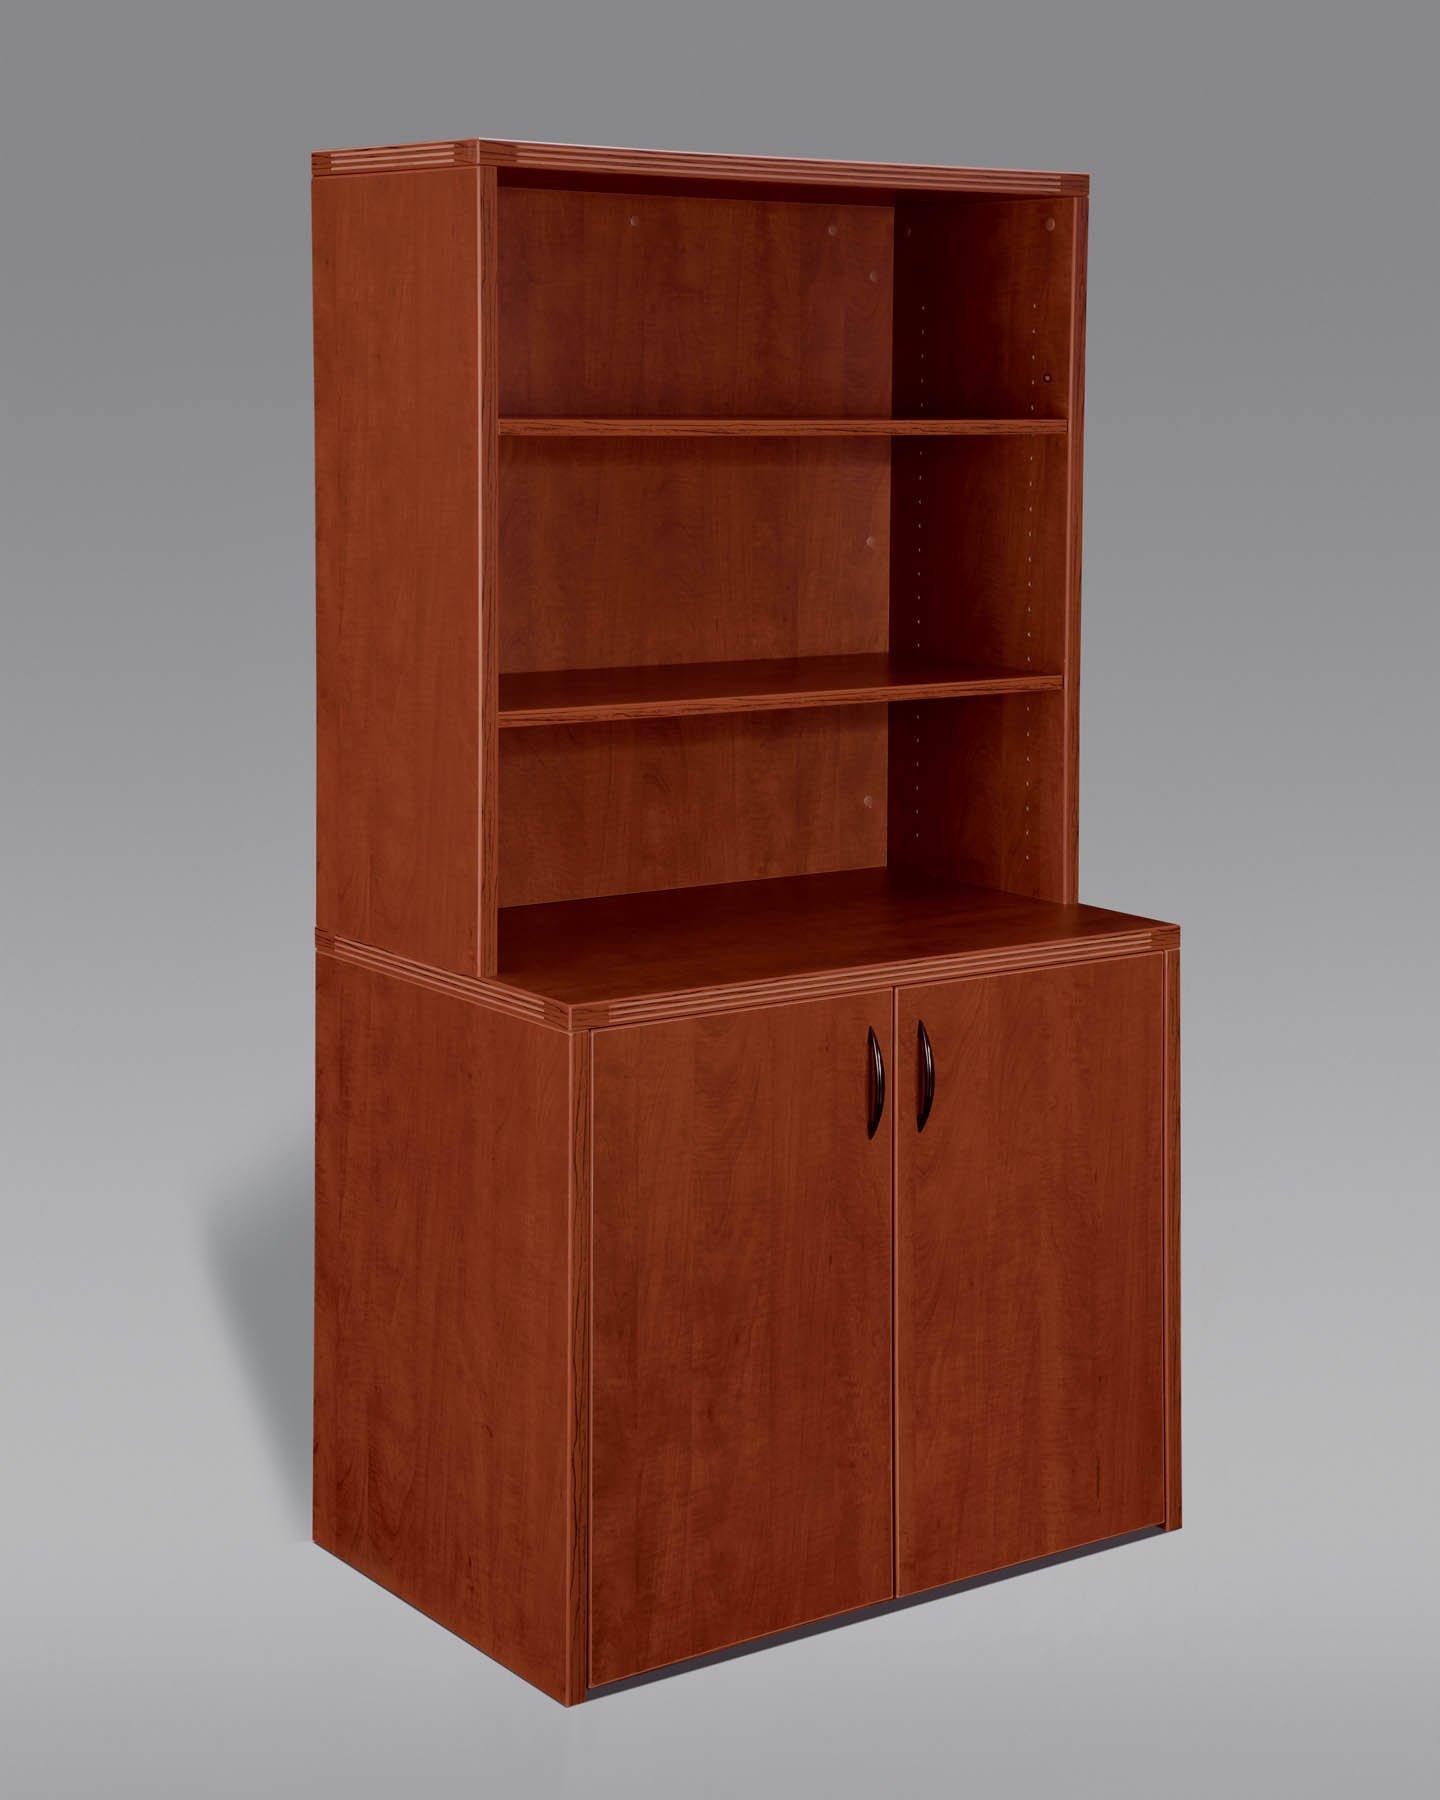 Flexsteel Fairplex  Two-Door Cabinet